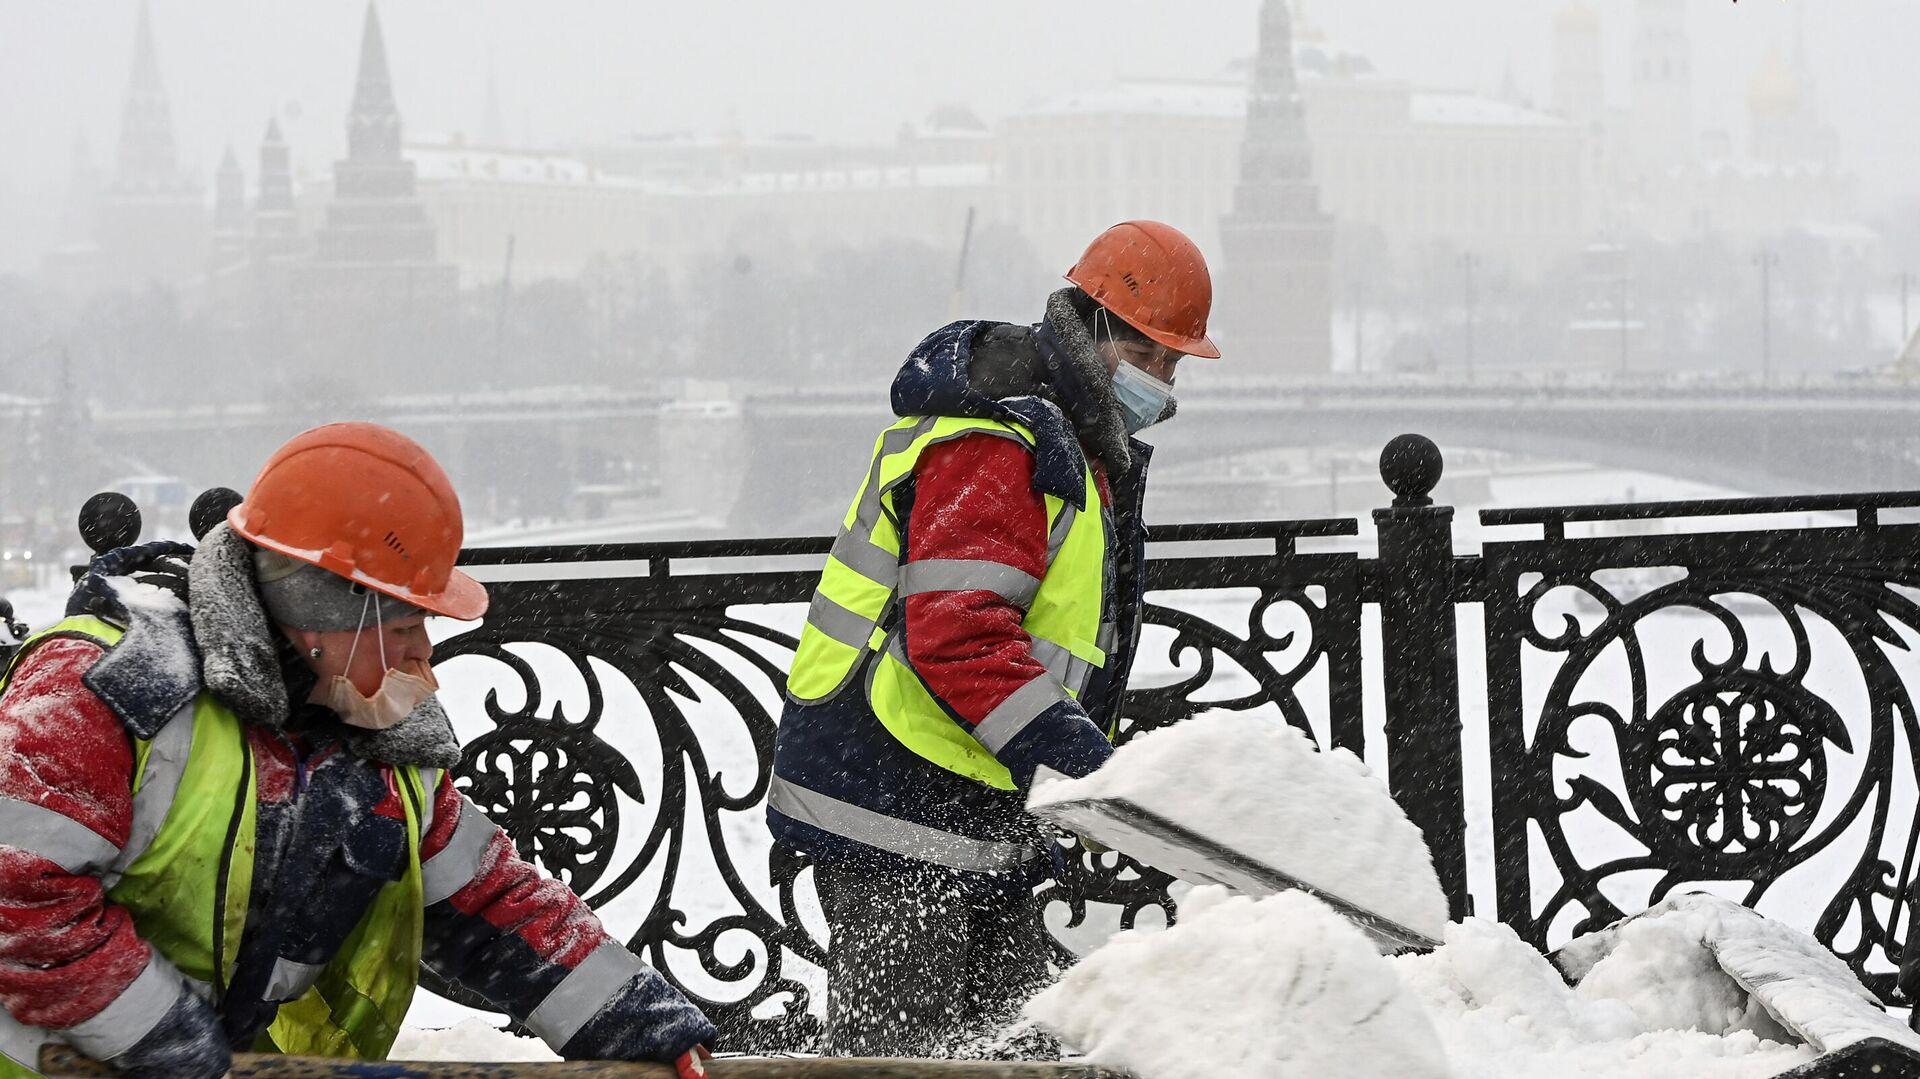 Рабочие расчищают от снега и наледи Патриарший мост в Москве - РИА Новости, 1920, 12.02.2021